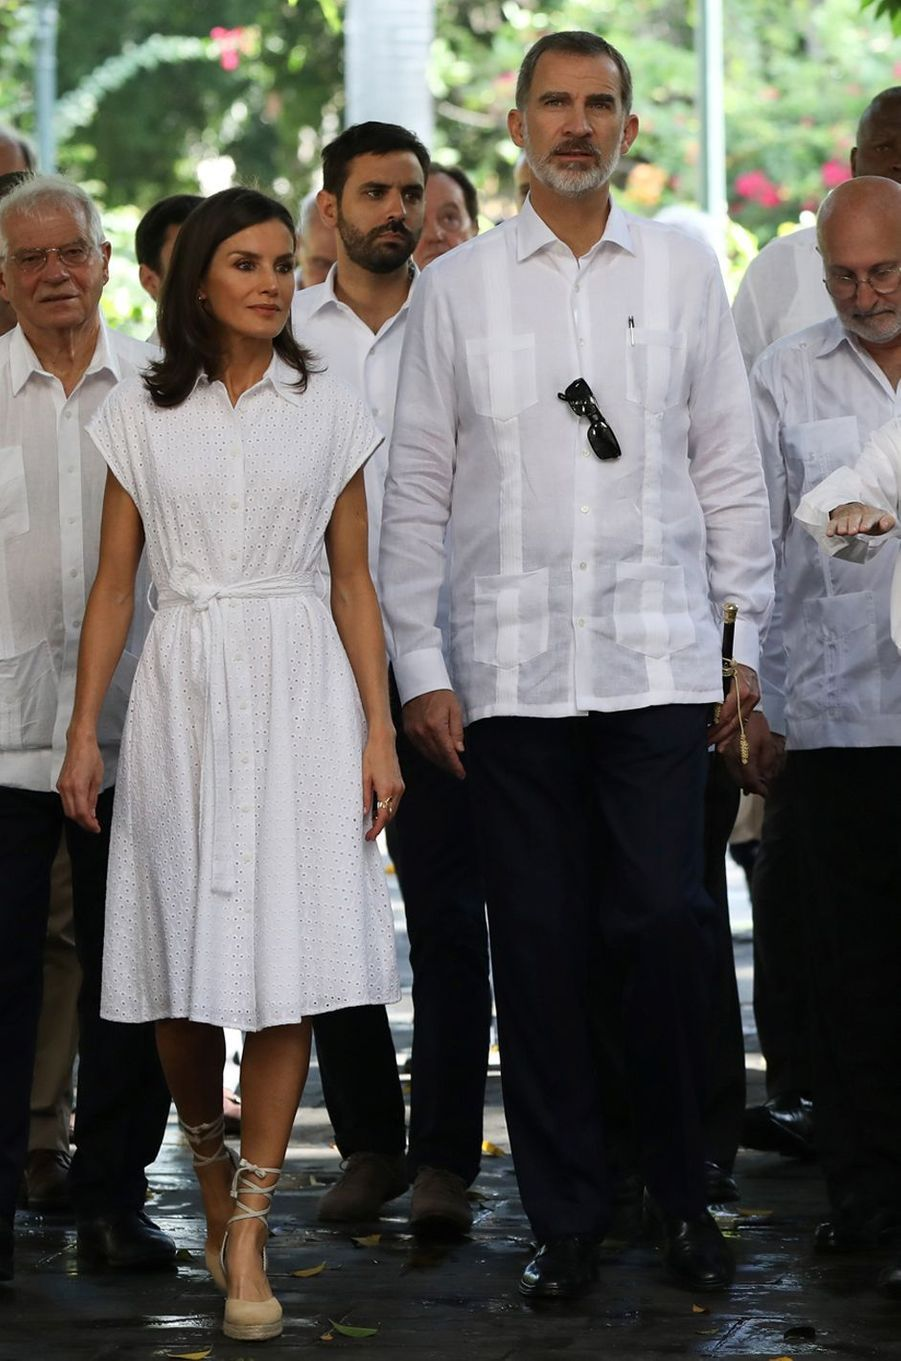 La reine Letizia d'Espagne dans une robe Adolfo Dominguez à La Havane, le 13 novembre 2019